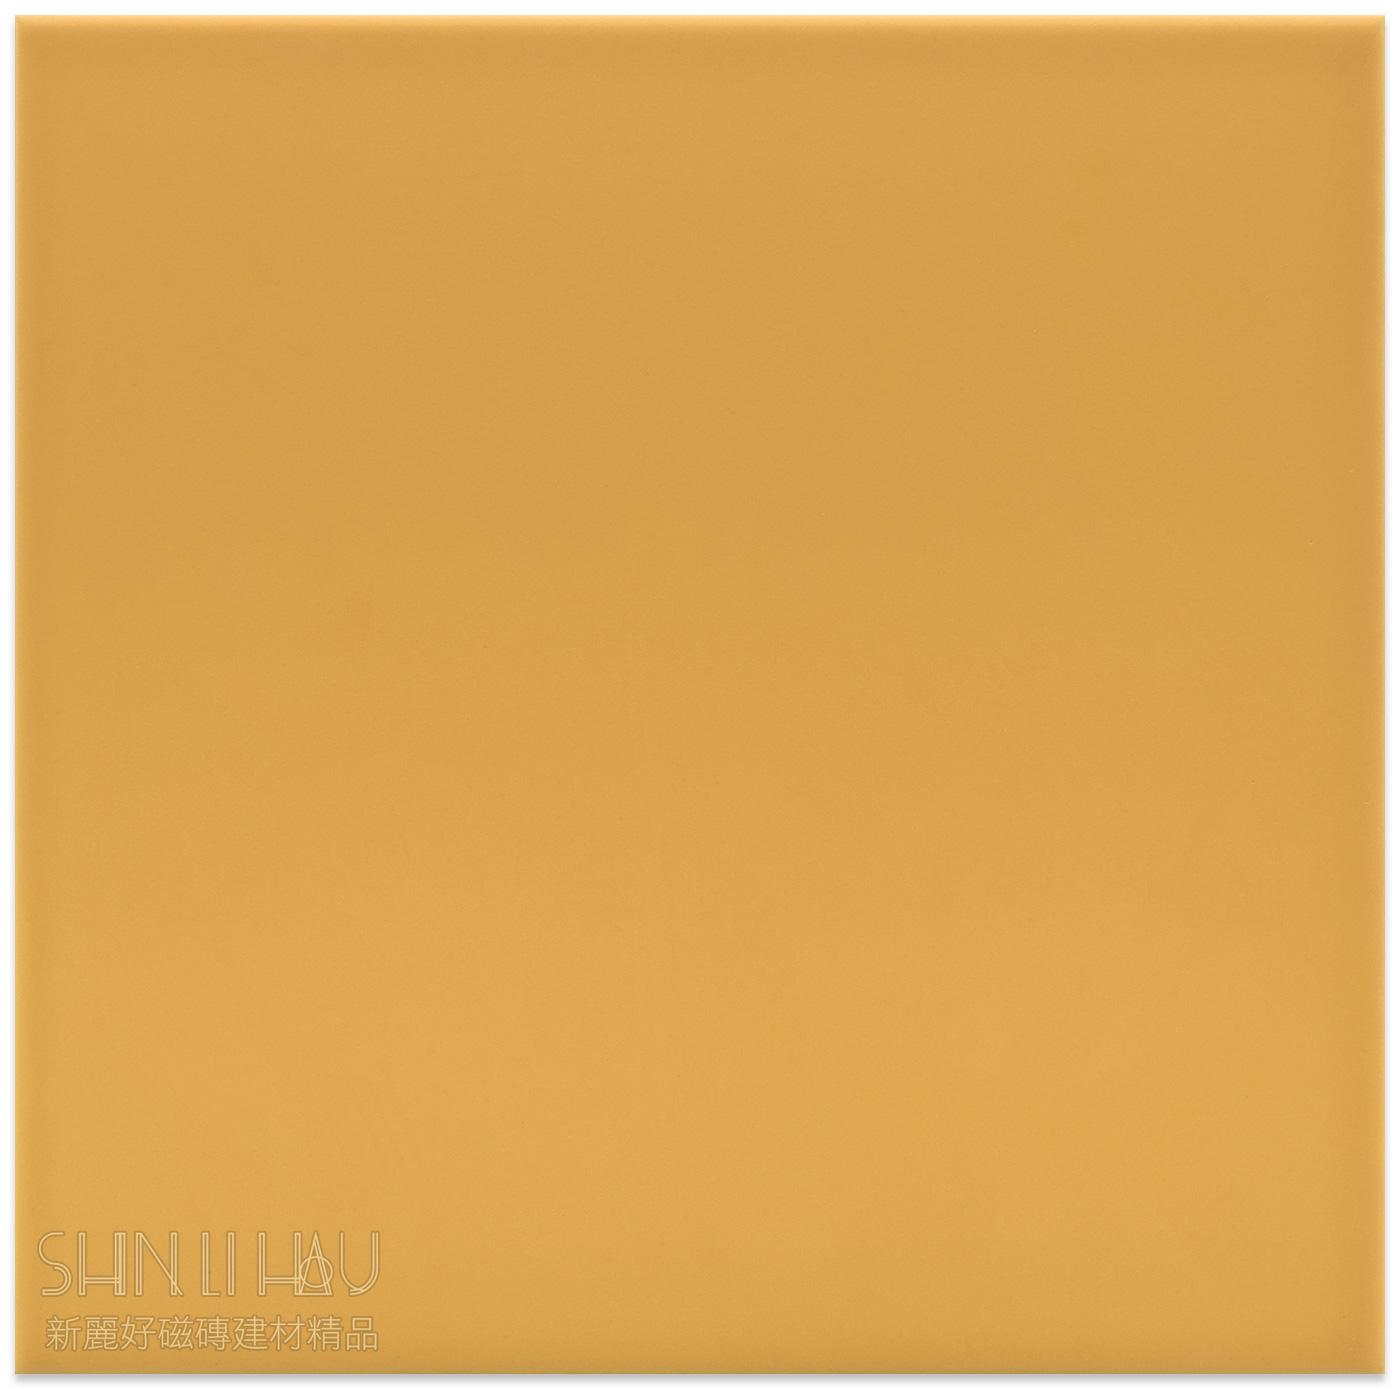 風華絕代-極緻驚豔圖騰復古磚 - 黃色